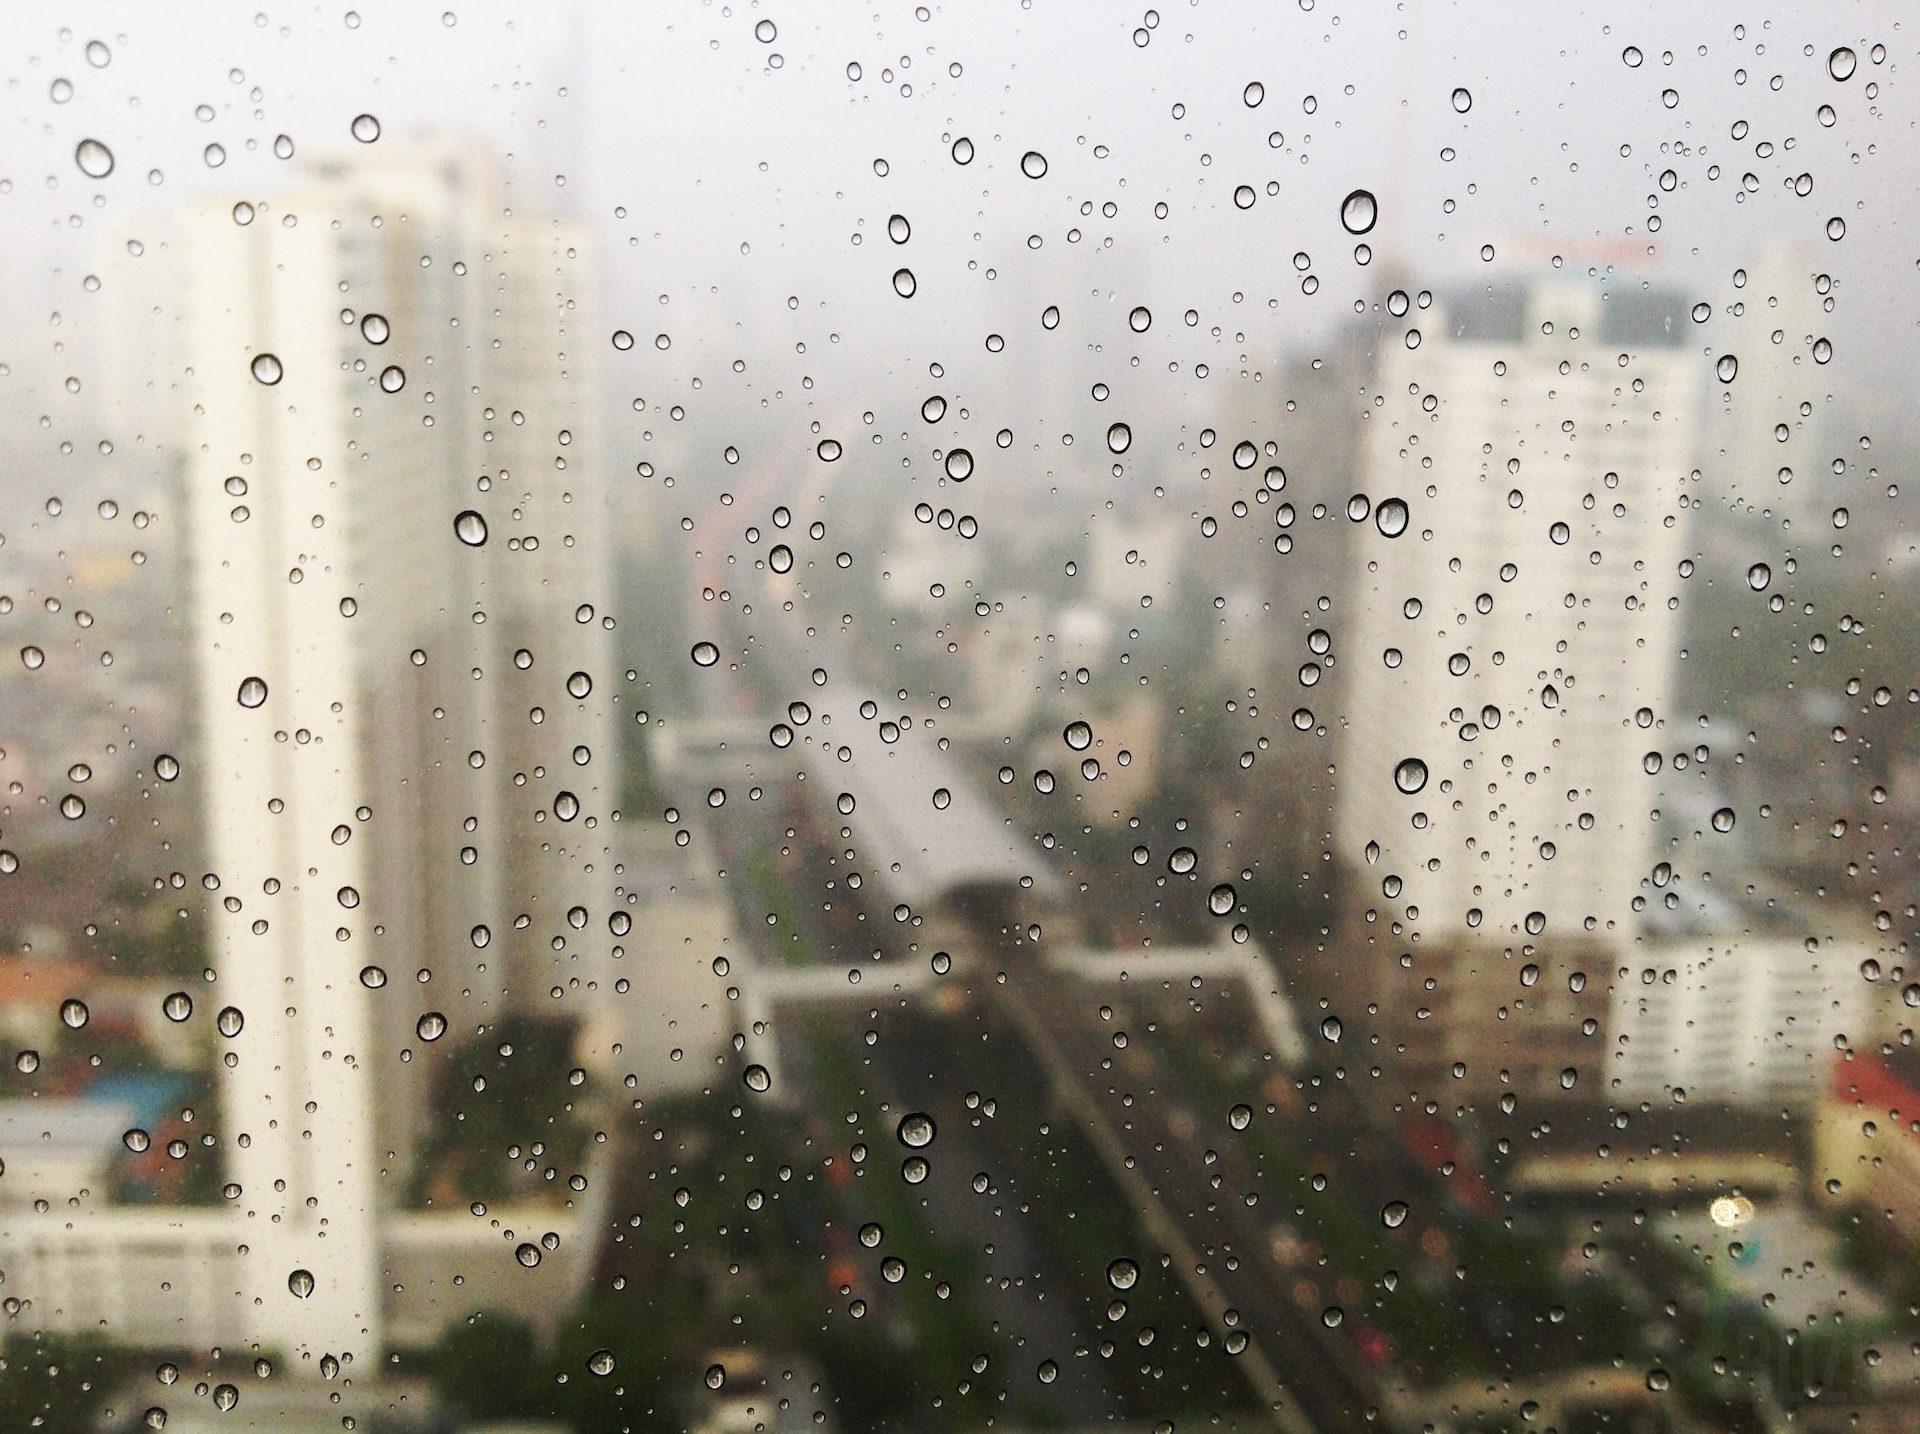 gocce, pioggia, Città, altezze, Visualizzazioni - Sfondi HD - Professor-falken.com